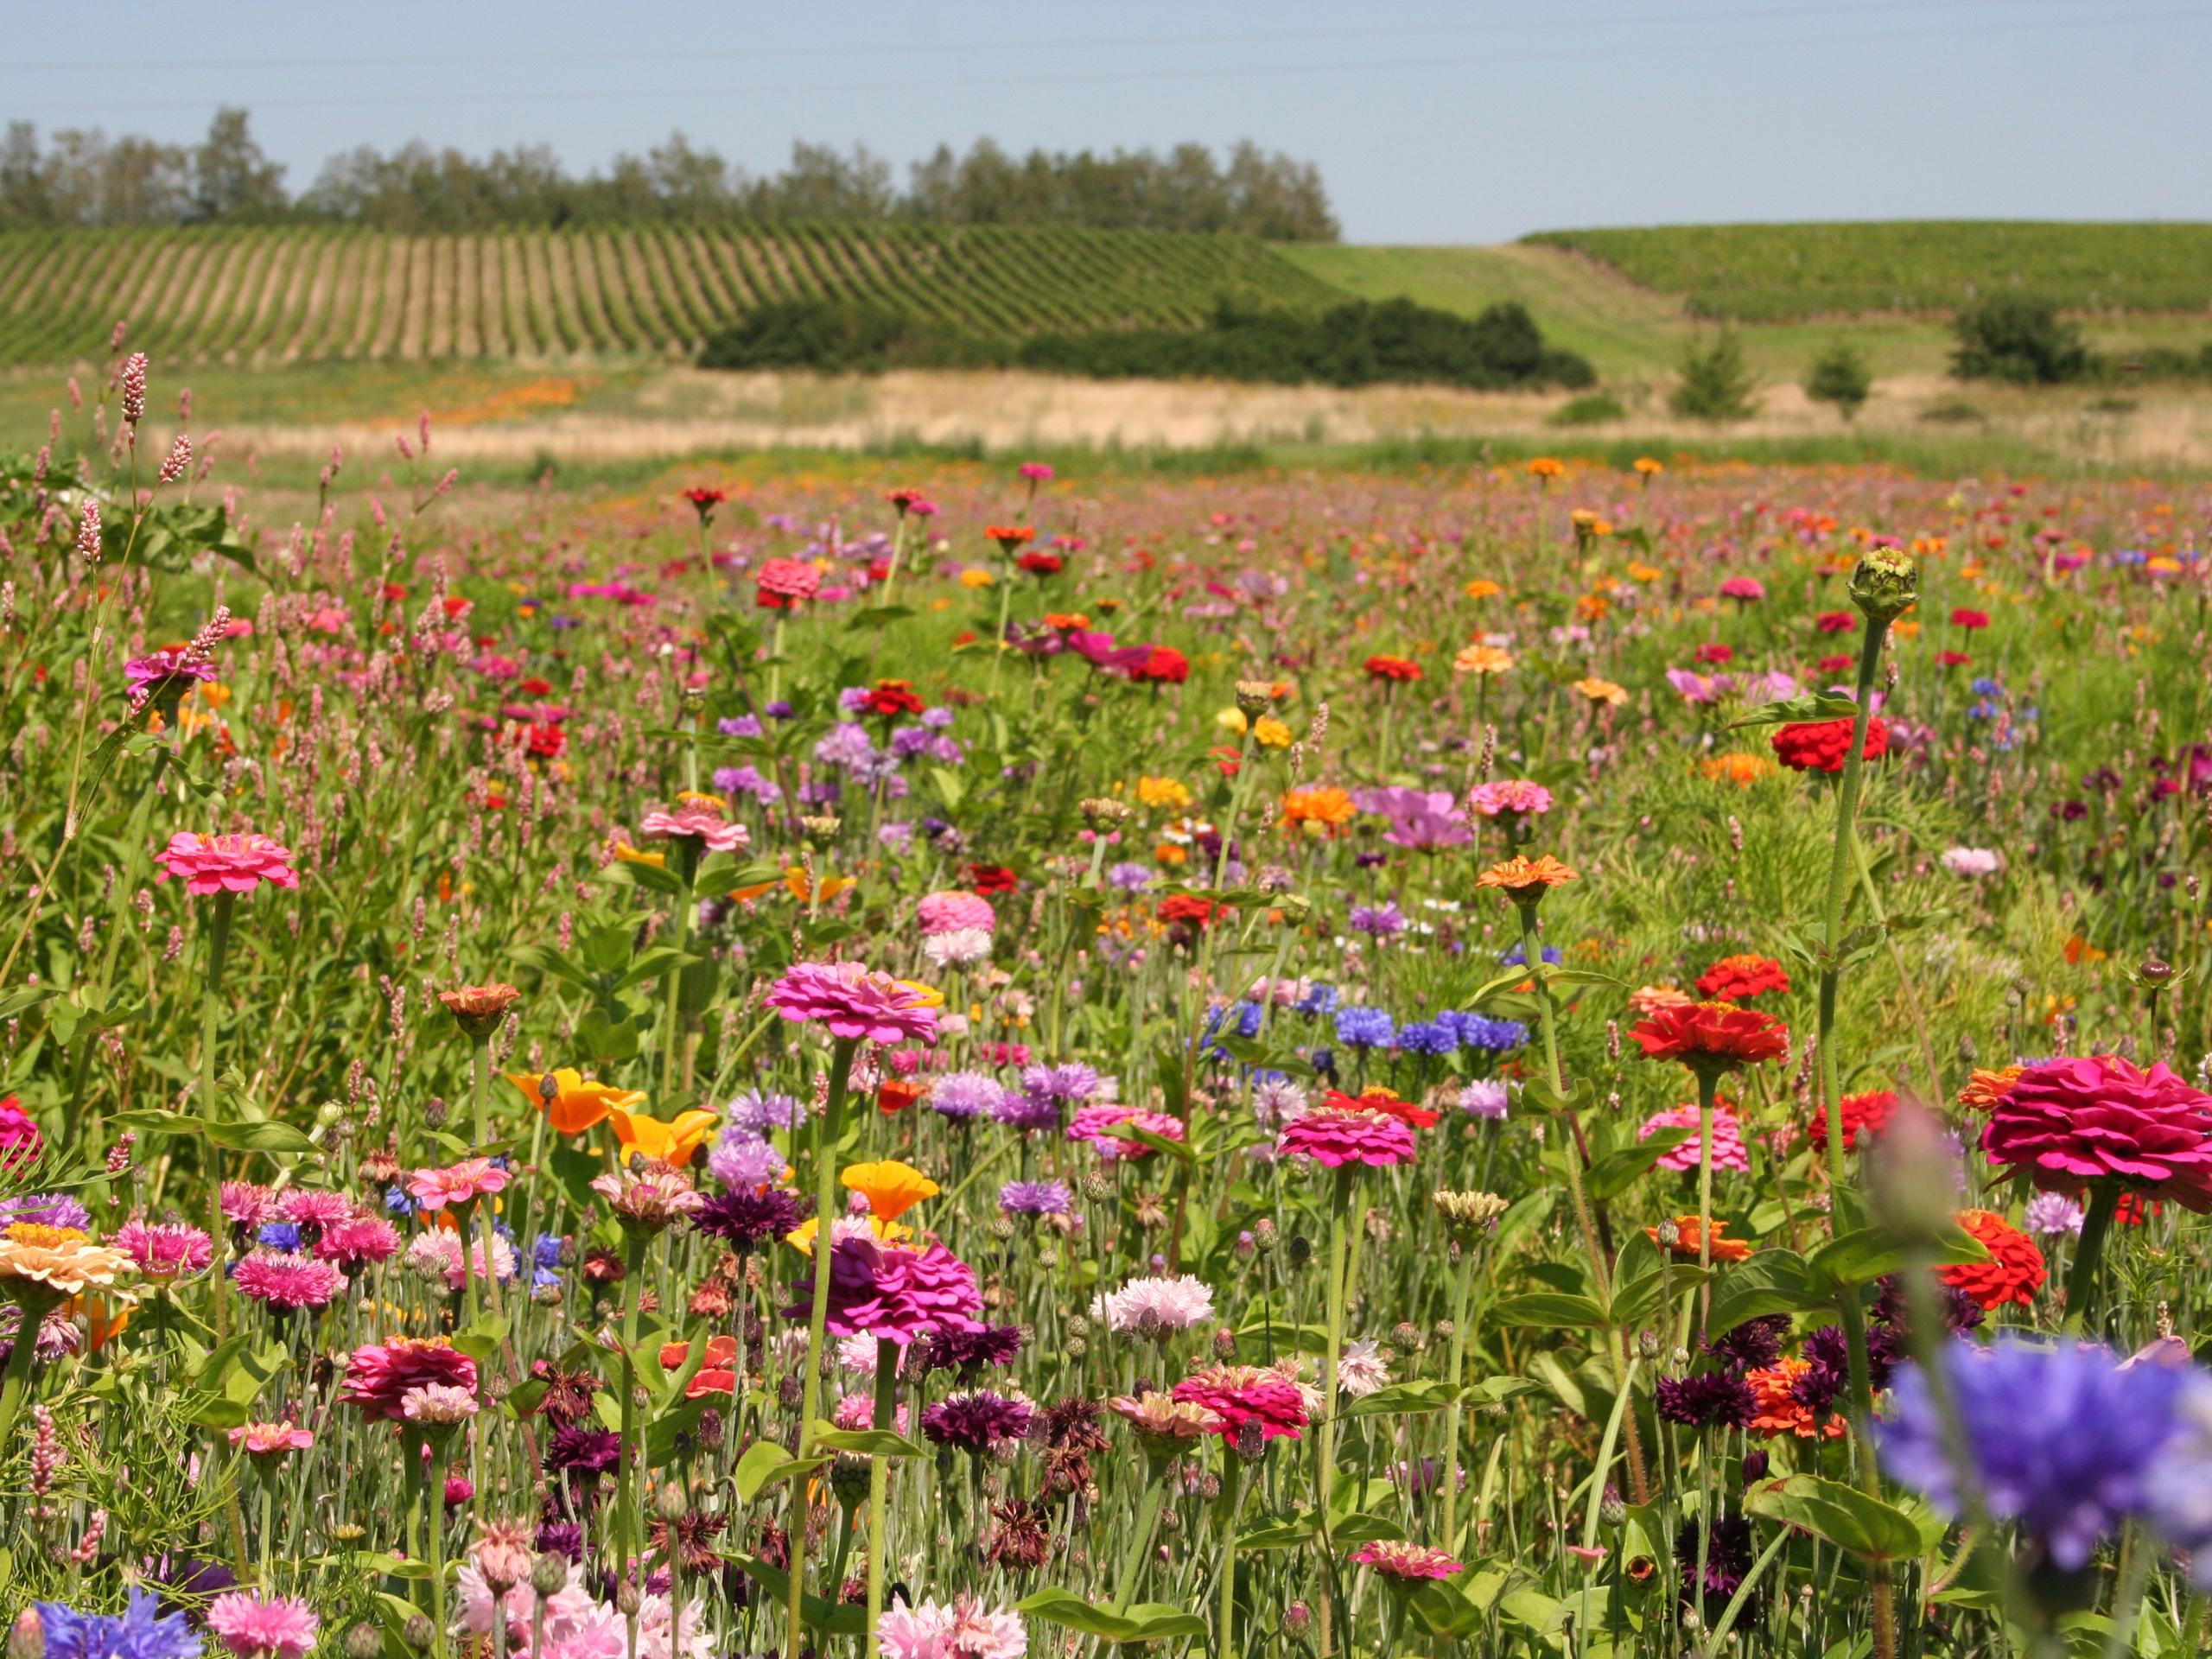 Flower Meadow Wallpaper Flowers on Meadow Fields